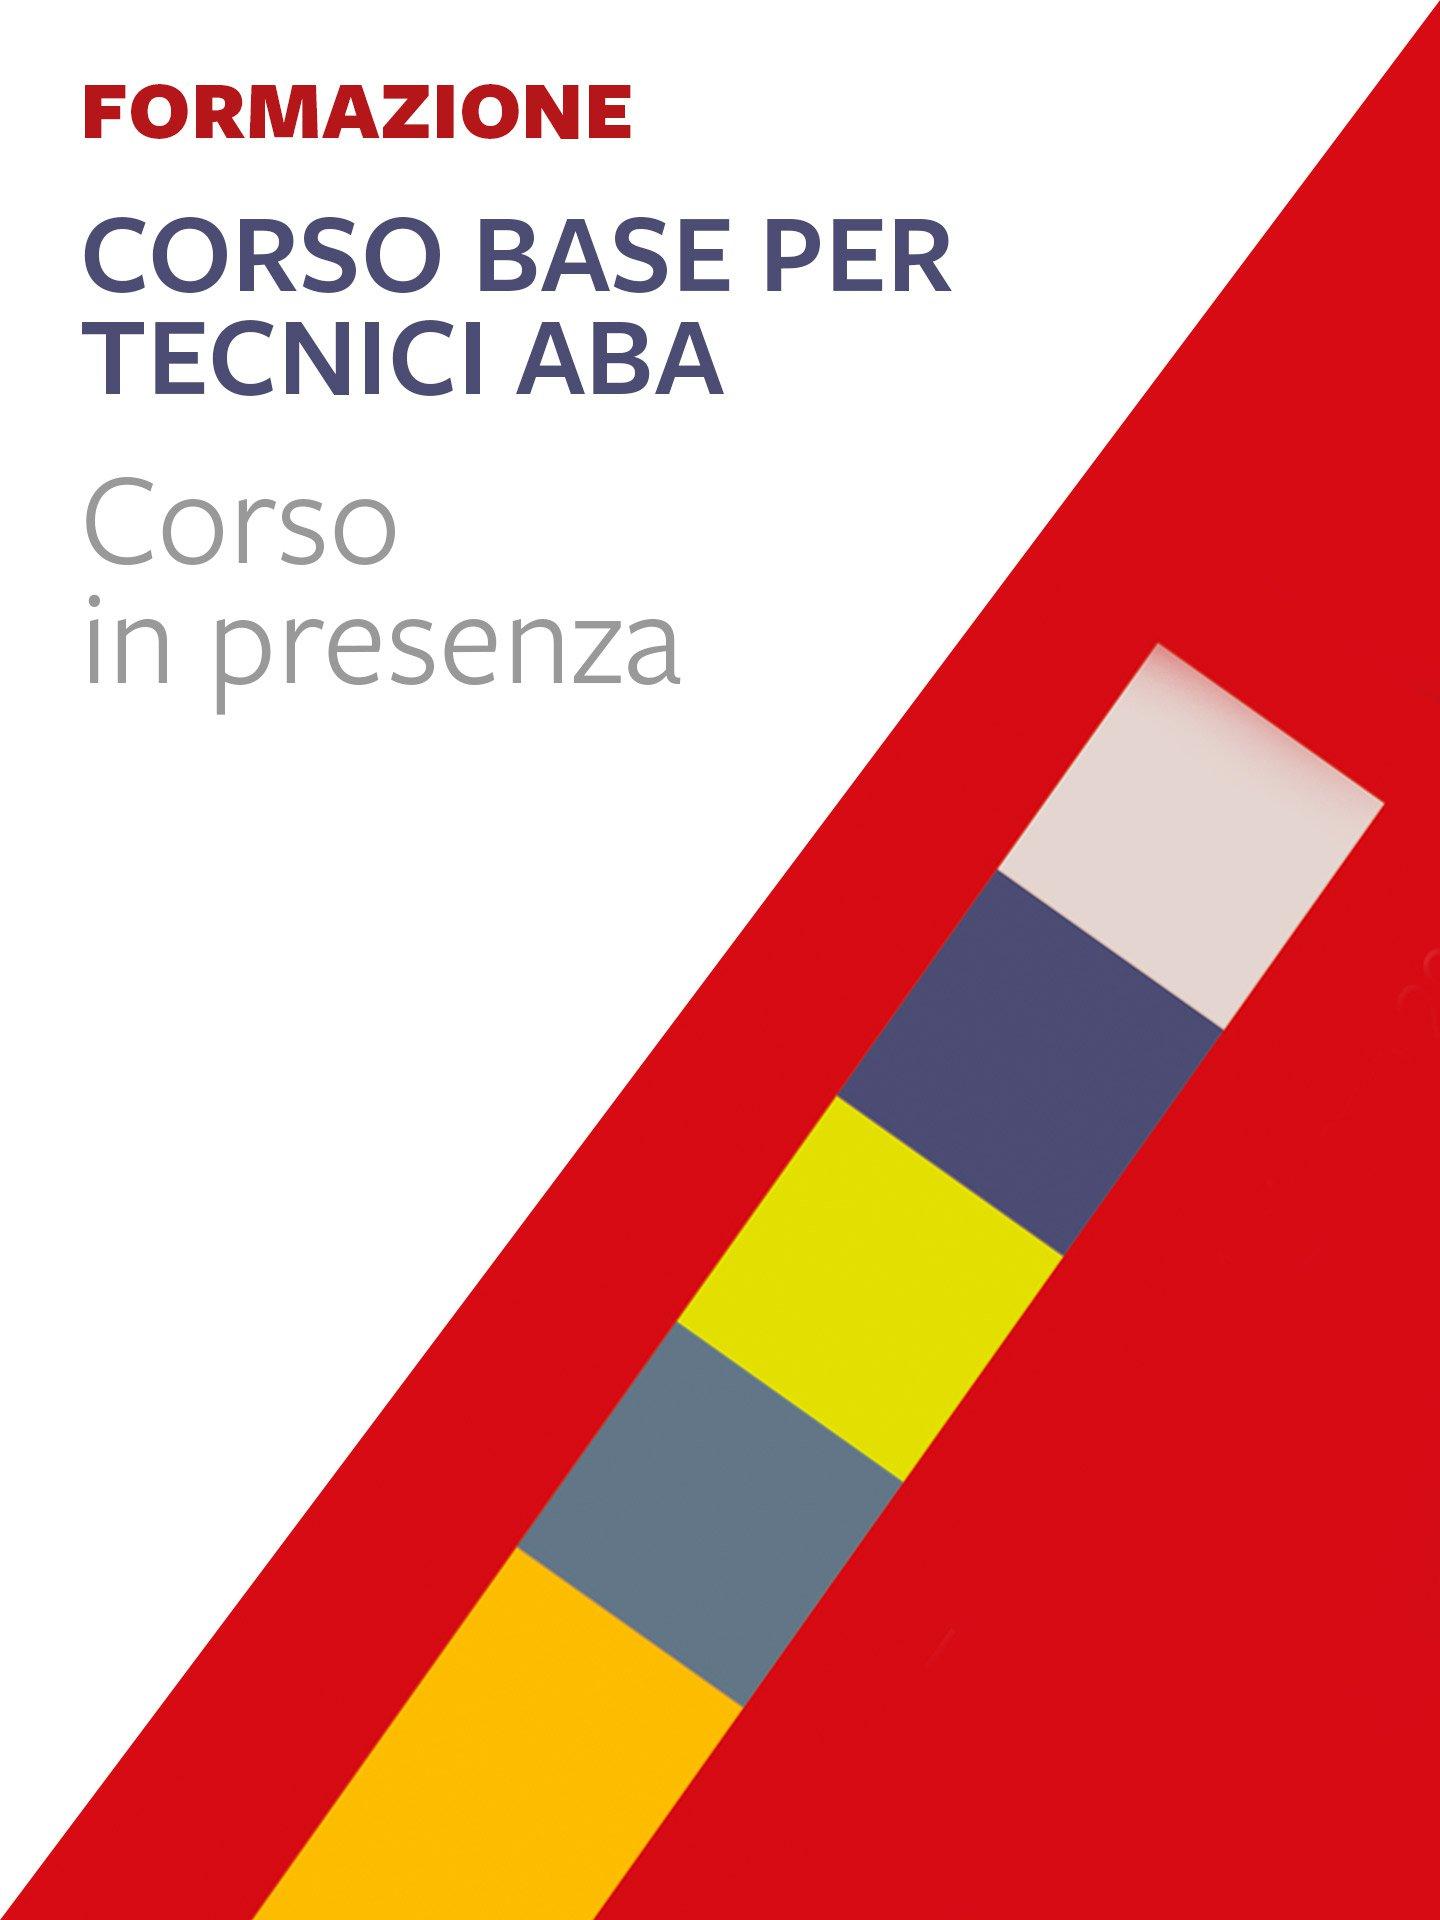 Corso per tecnico ABA-VB – Modulo 1 (Base) - Formazione per docenti, educatori, assistenti sociali, psicologi - Erickson